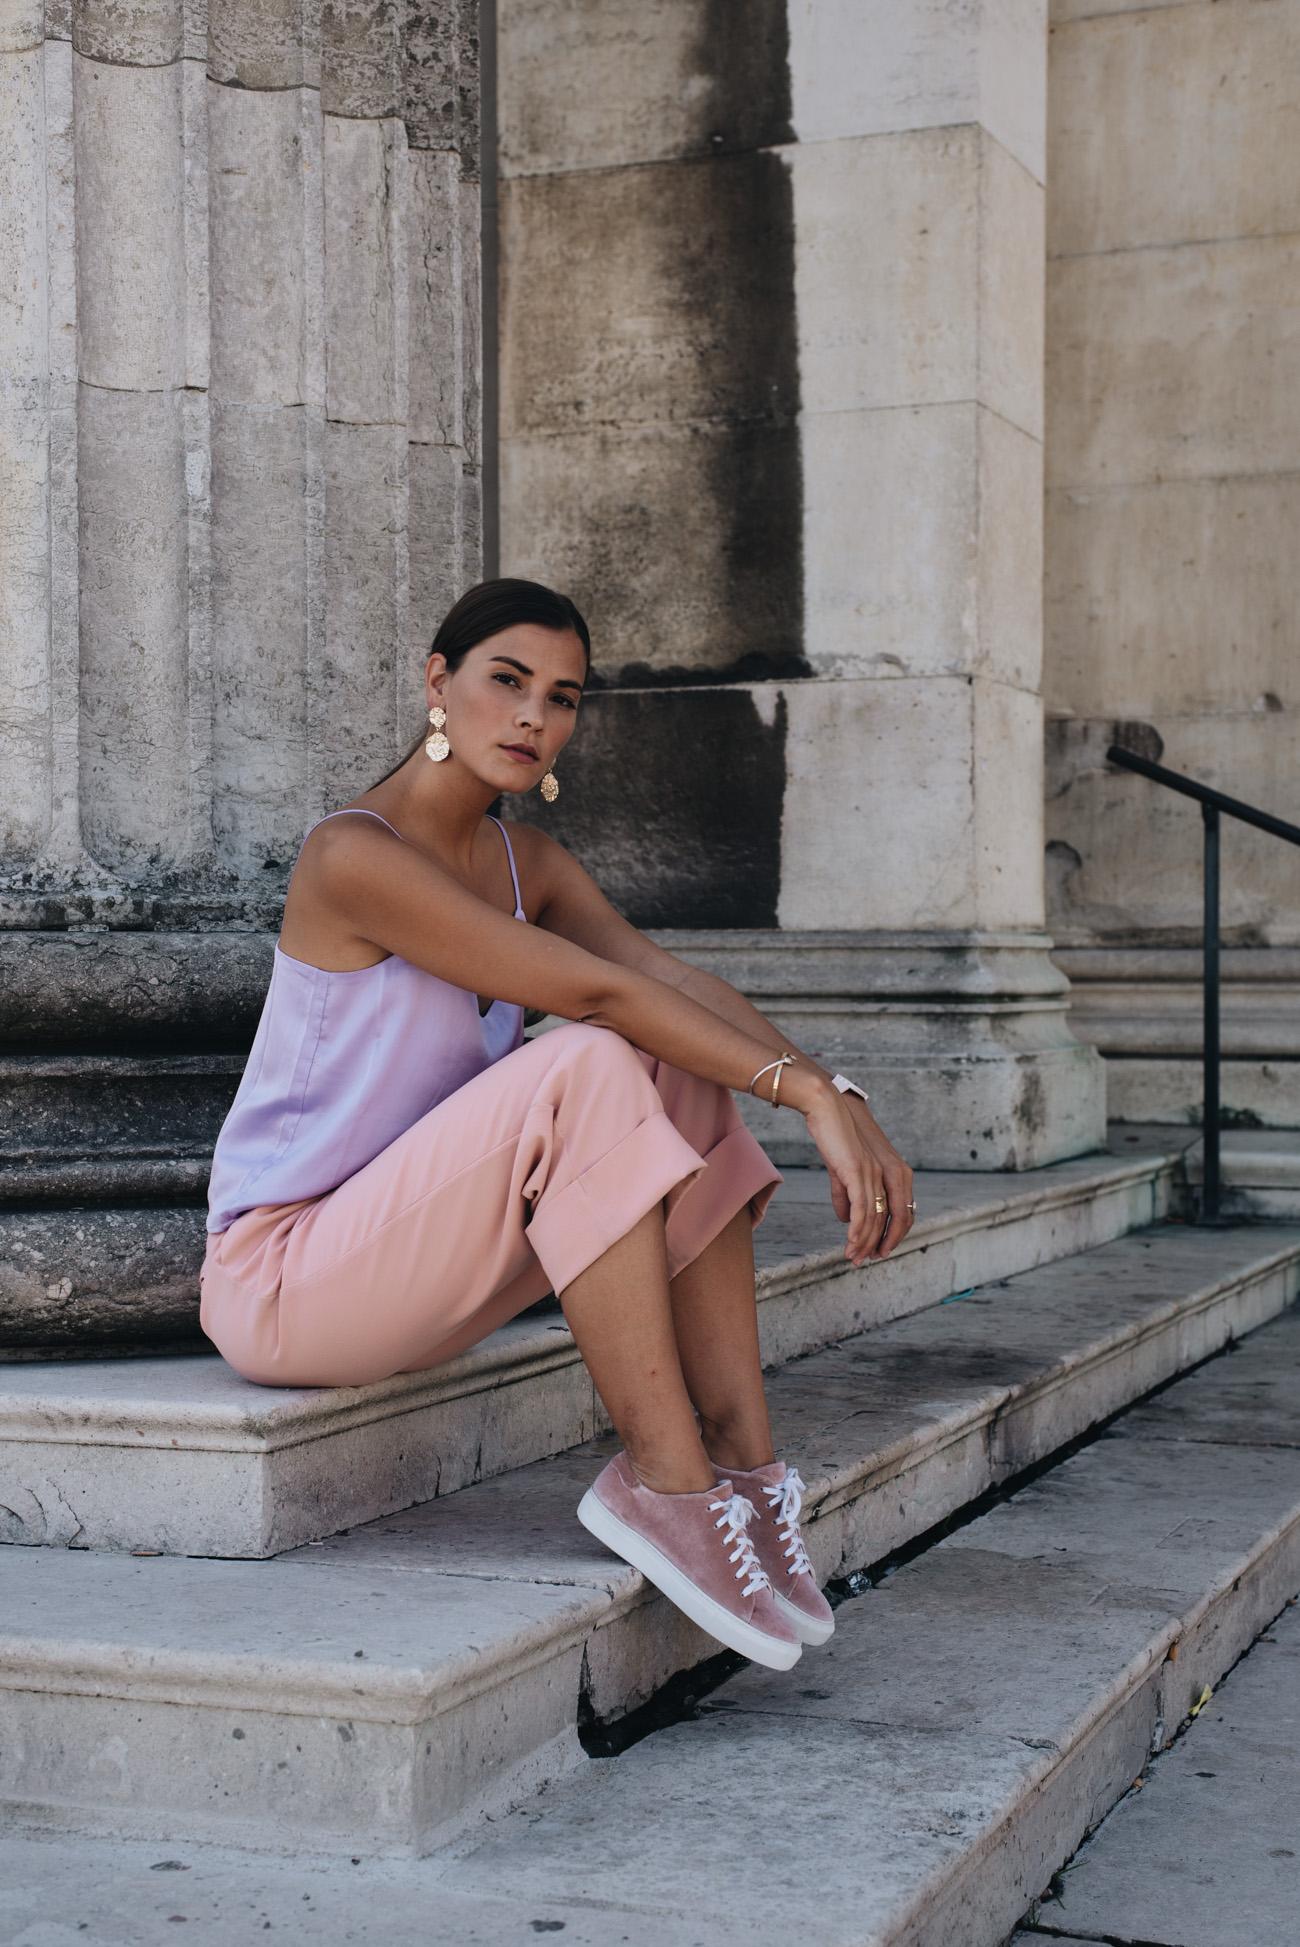 styling-tipps-für-das-tragen-von-culotte-hosen-fashiioncarpet-nina-schwichtenberg